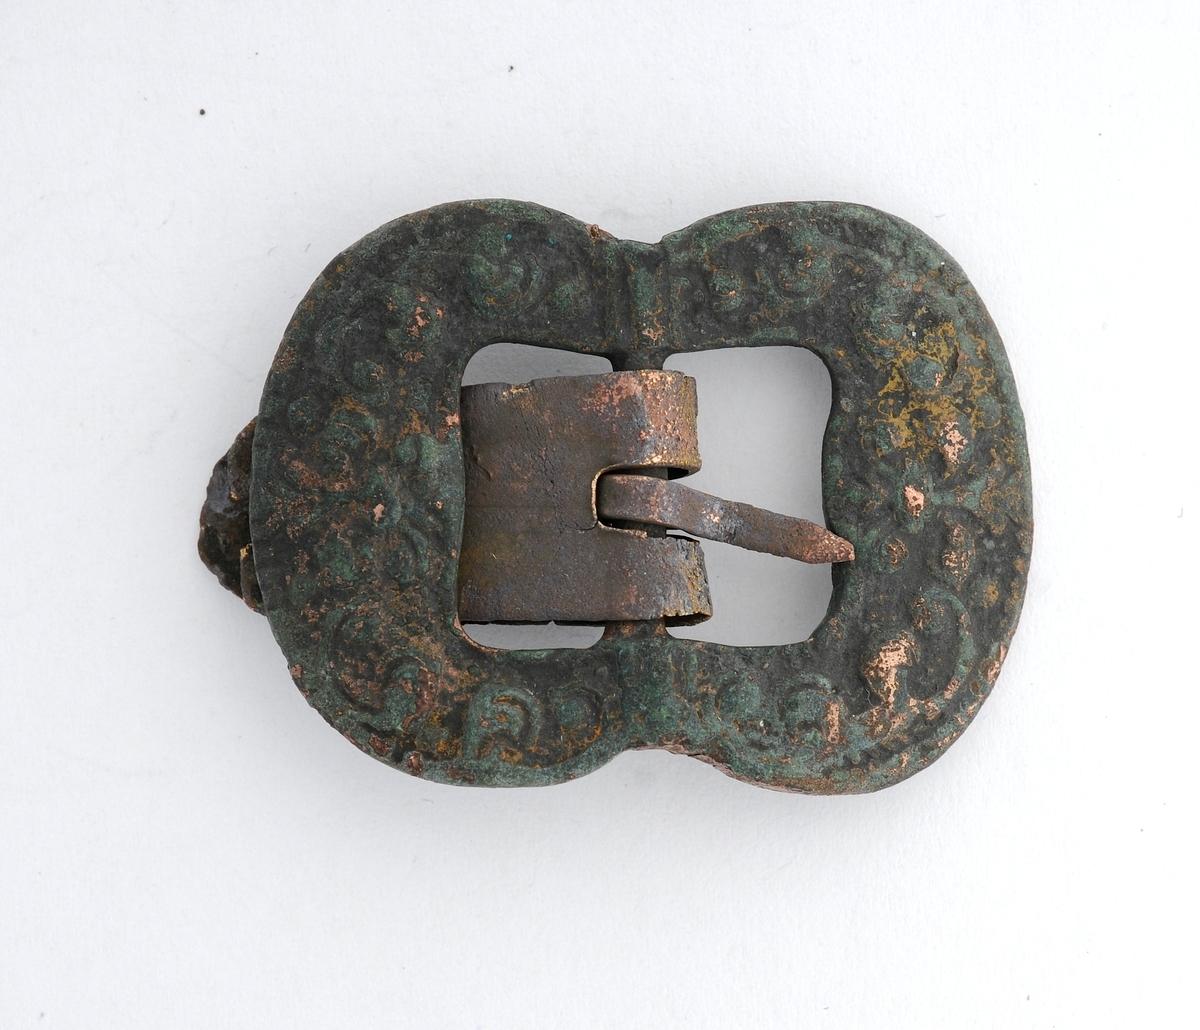 Knebandspenne støypt i messing (bronse). Rektangulær form, men svinga inn på midten. Stolpe, kalv og tann smidd i messing.(?). Irra.